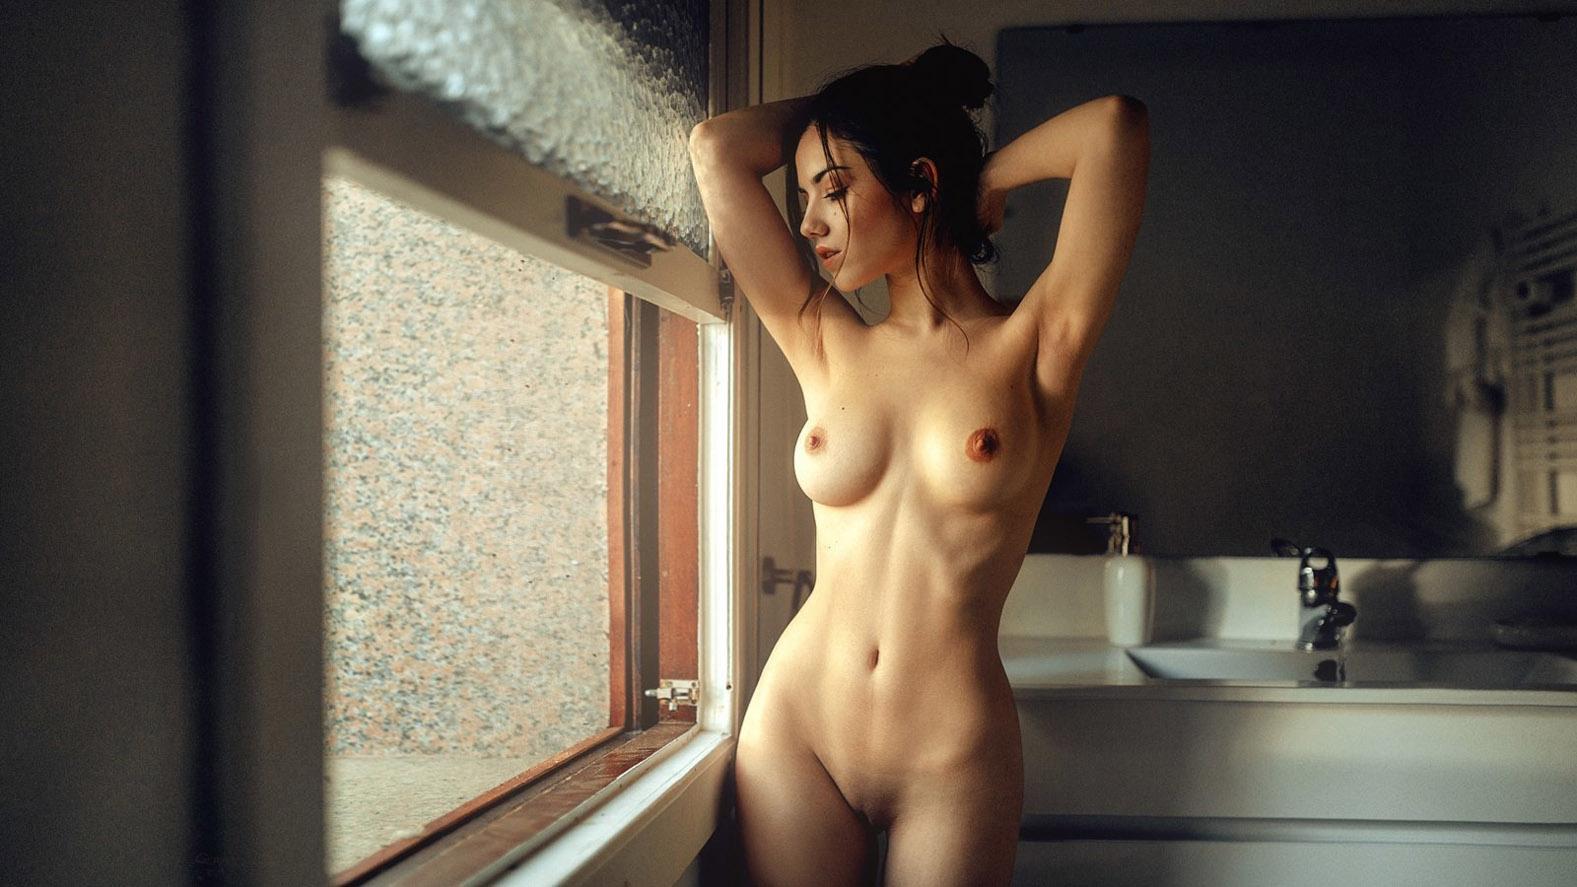 Delaia Gonzalez nude by Georgy Chernyadyev